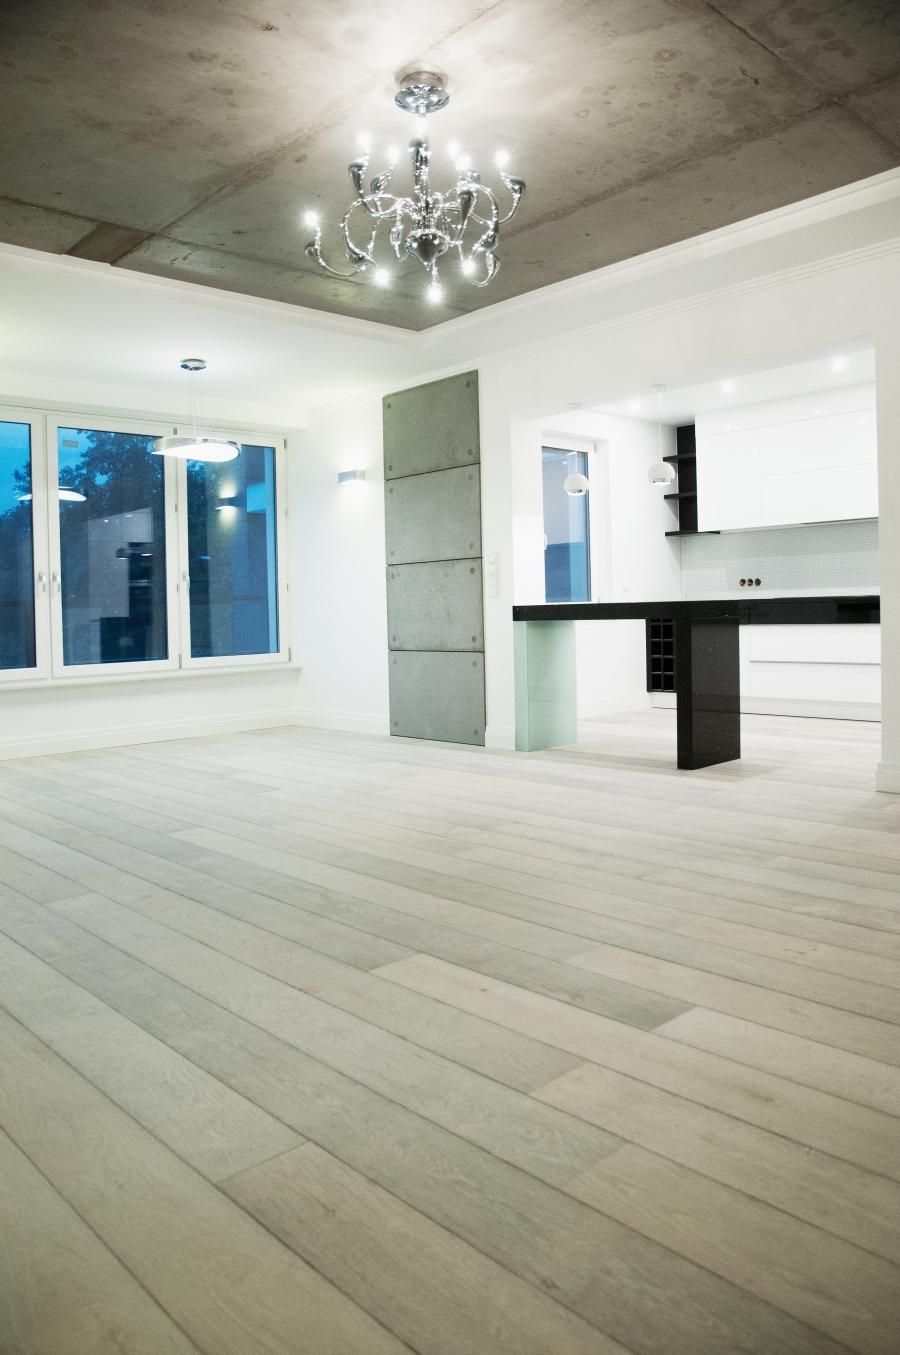 Nowoczesne wnętrze, podłogi chapel parket bleached white